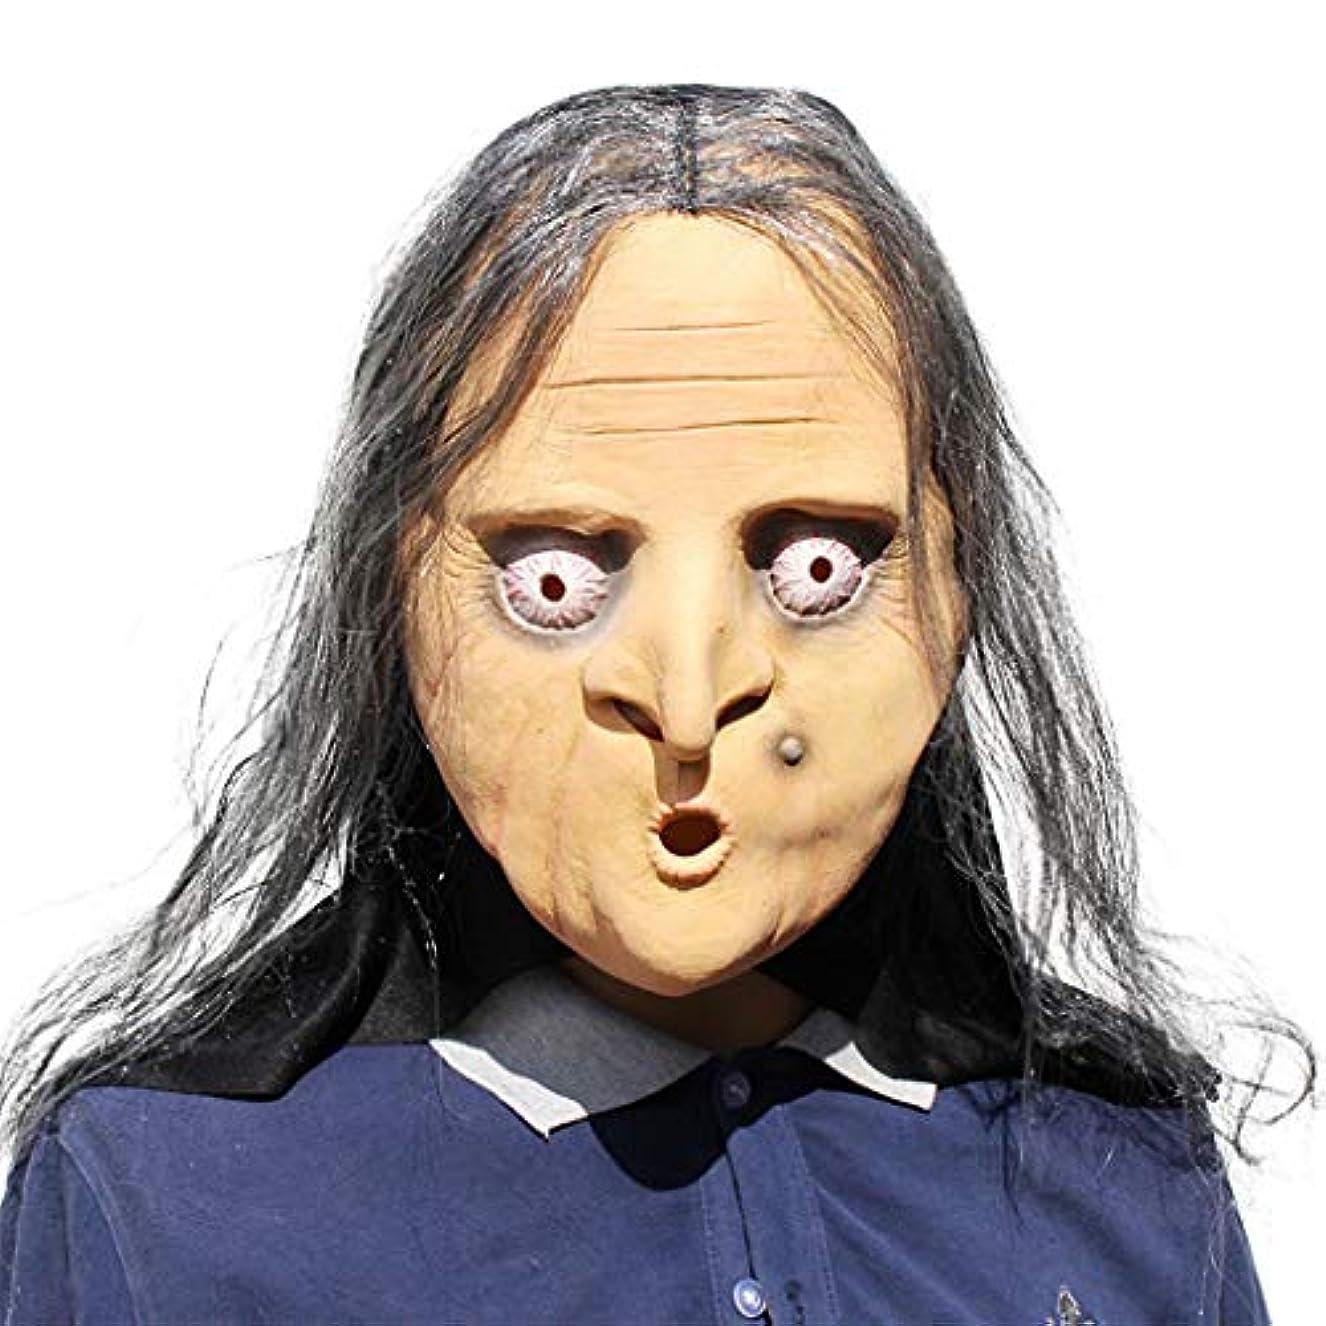 土曜日道路現代のハロウィーンマスク、ラテックスマスク、なりすまし魔女怖い通気性快適なフード、ハロウィーン仮装用、ギフト、コスチュームパーティー、イースター